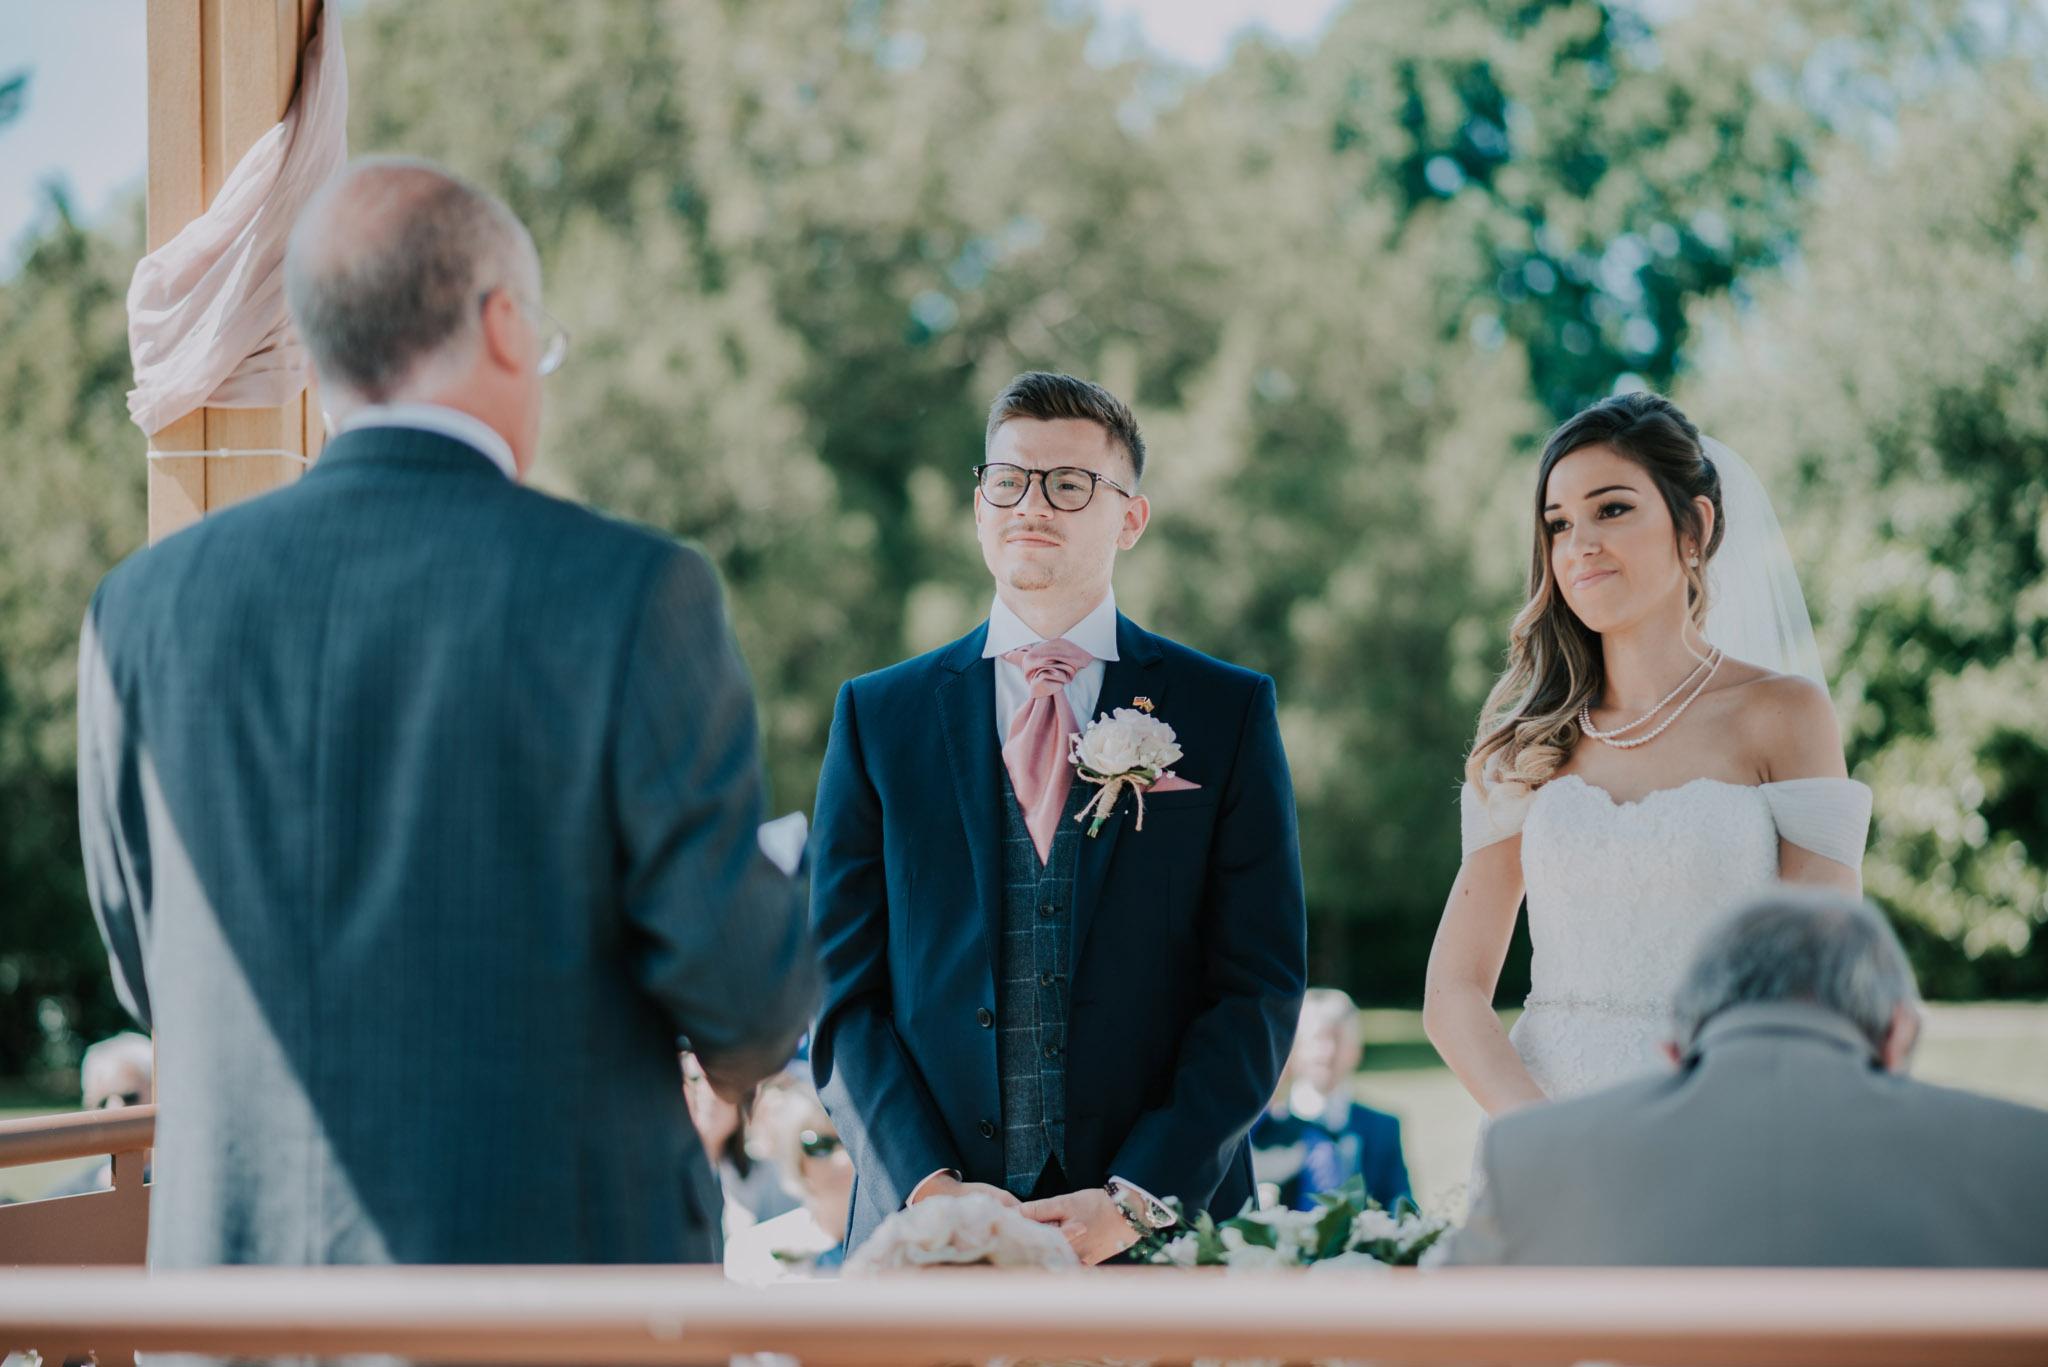 scott-stockwell-wedding-photographer-wood-norton-evesham152.jpg